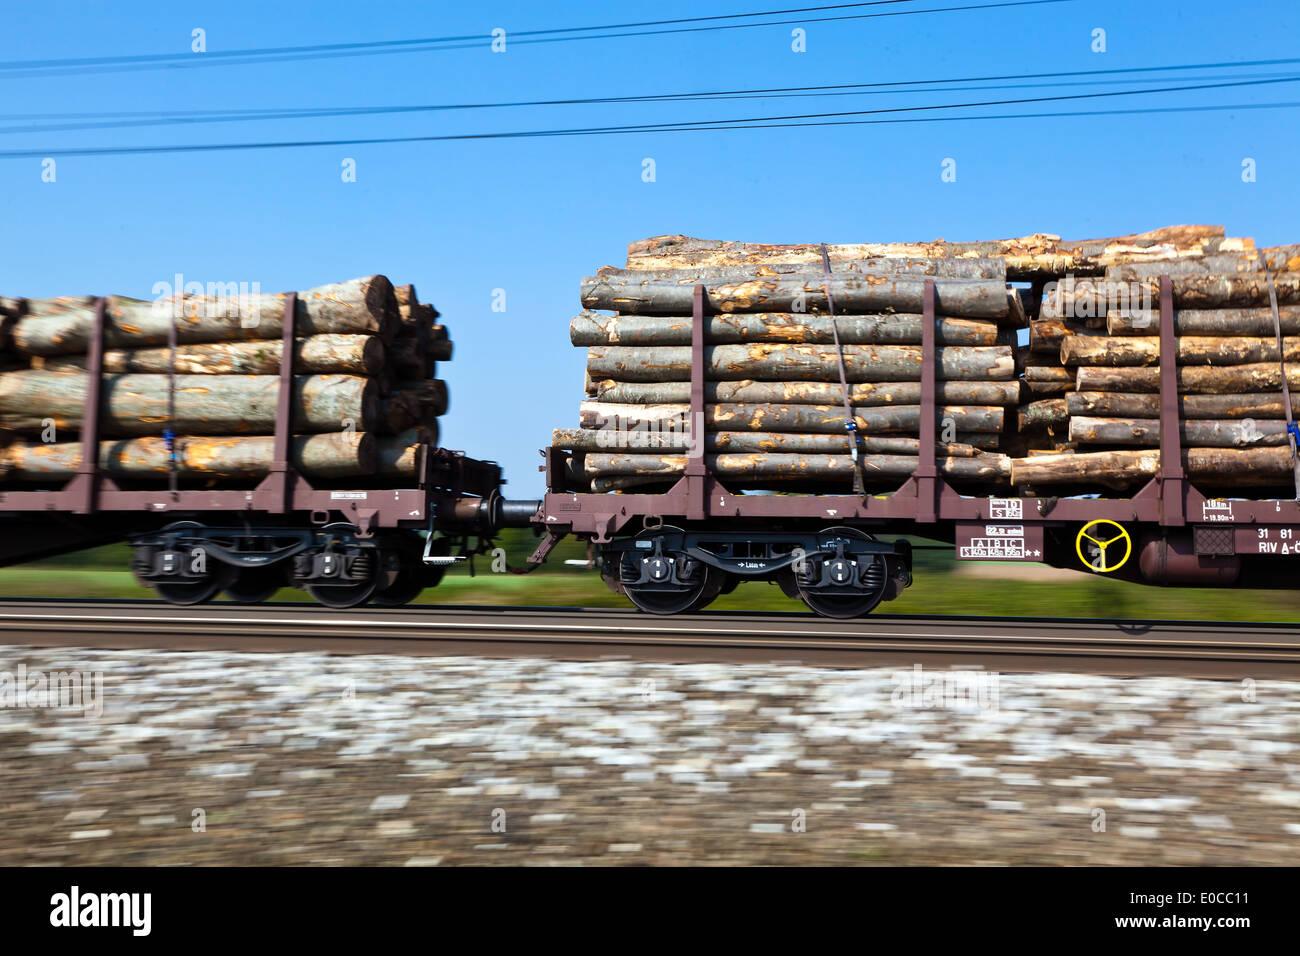 The carriages of a goods train on railway rails. Umweltrfreundlicher transport of goods, Die Waggons eines Gueterzuges auf Eisen - Stock Image